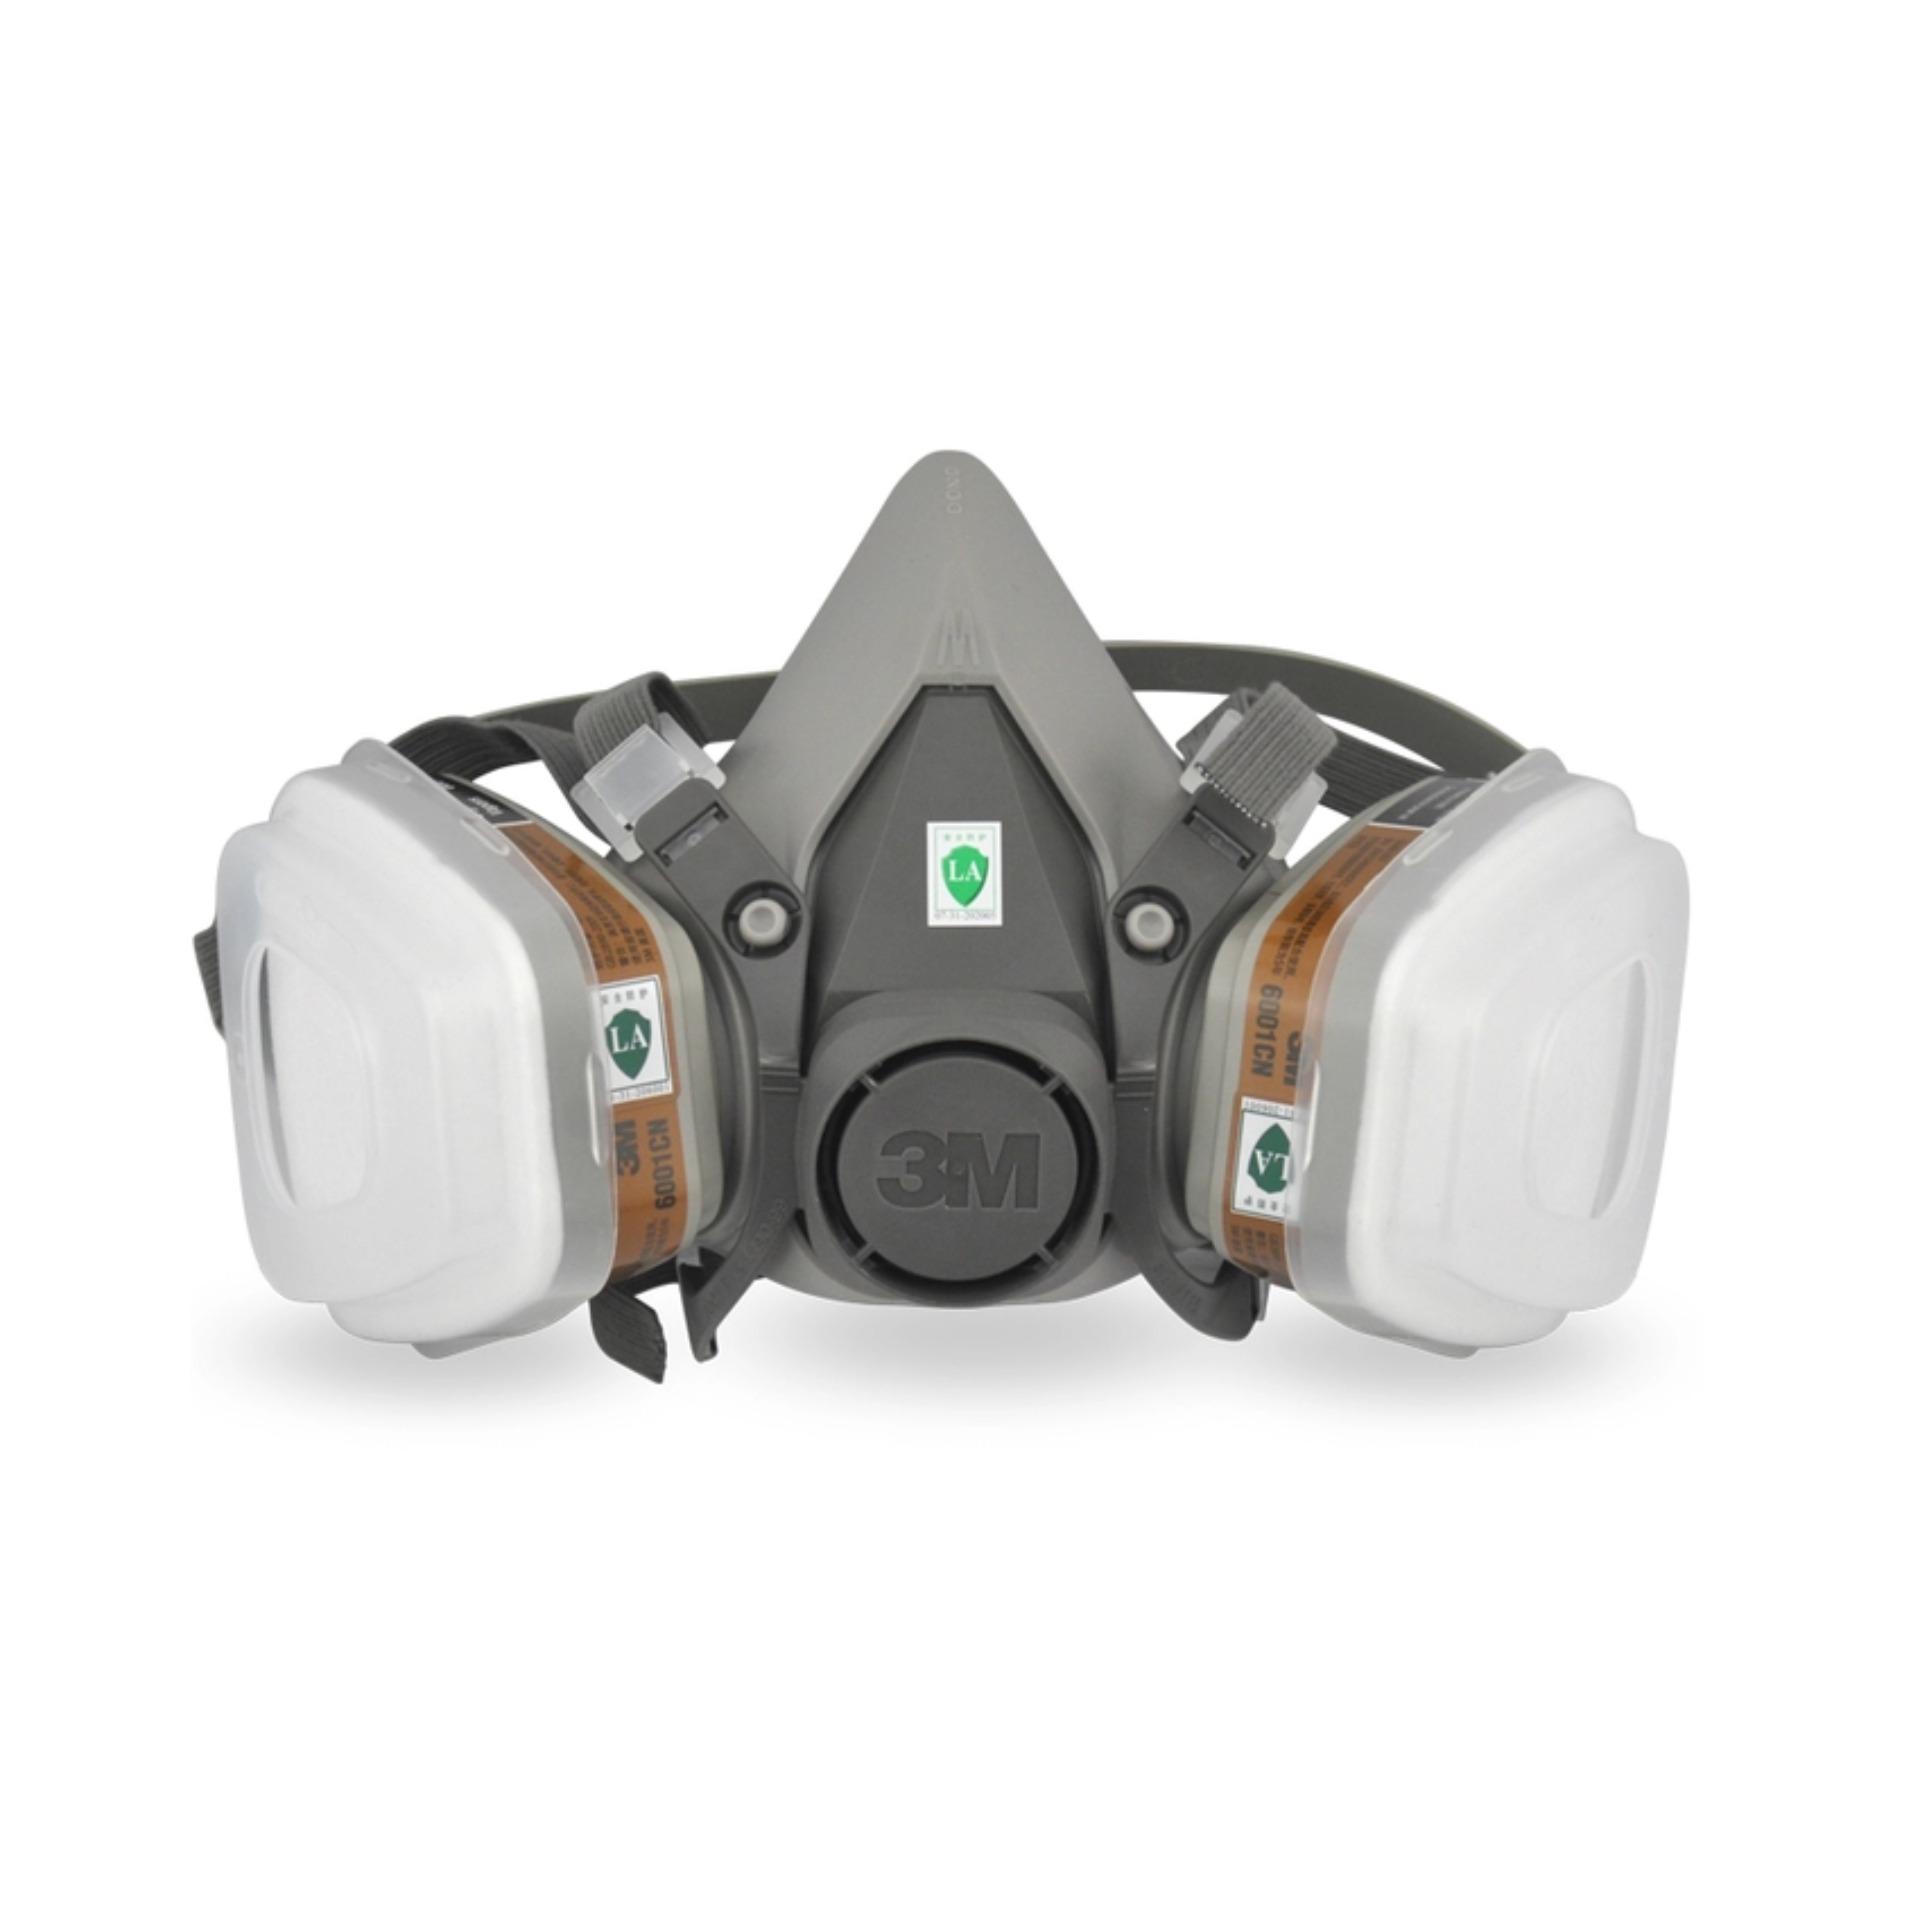 Mẫu sản phẩm Mặt nạ phòng độc chống cháy, hỏa hoạn chuyên dụng kèm 2 phin lọc cao cấp Dcr 3M (Xám)